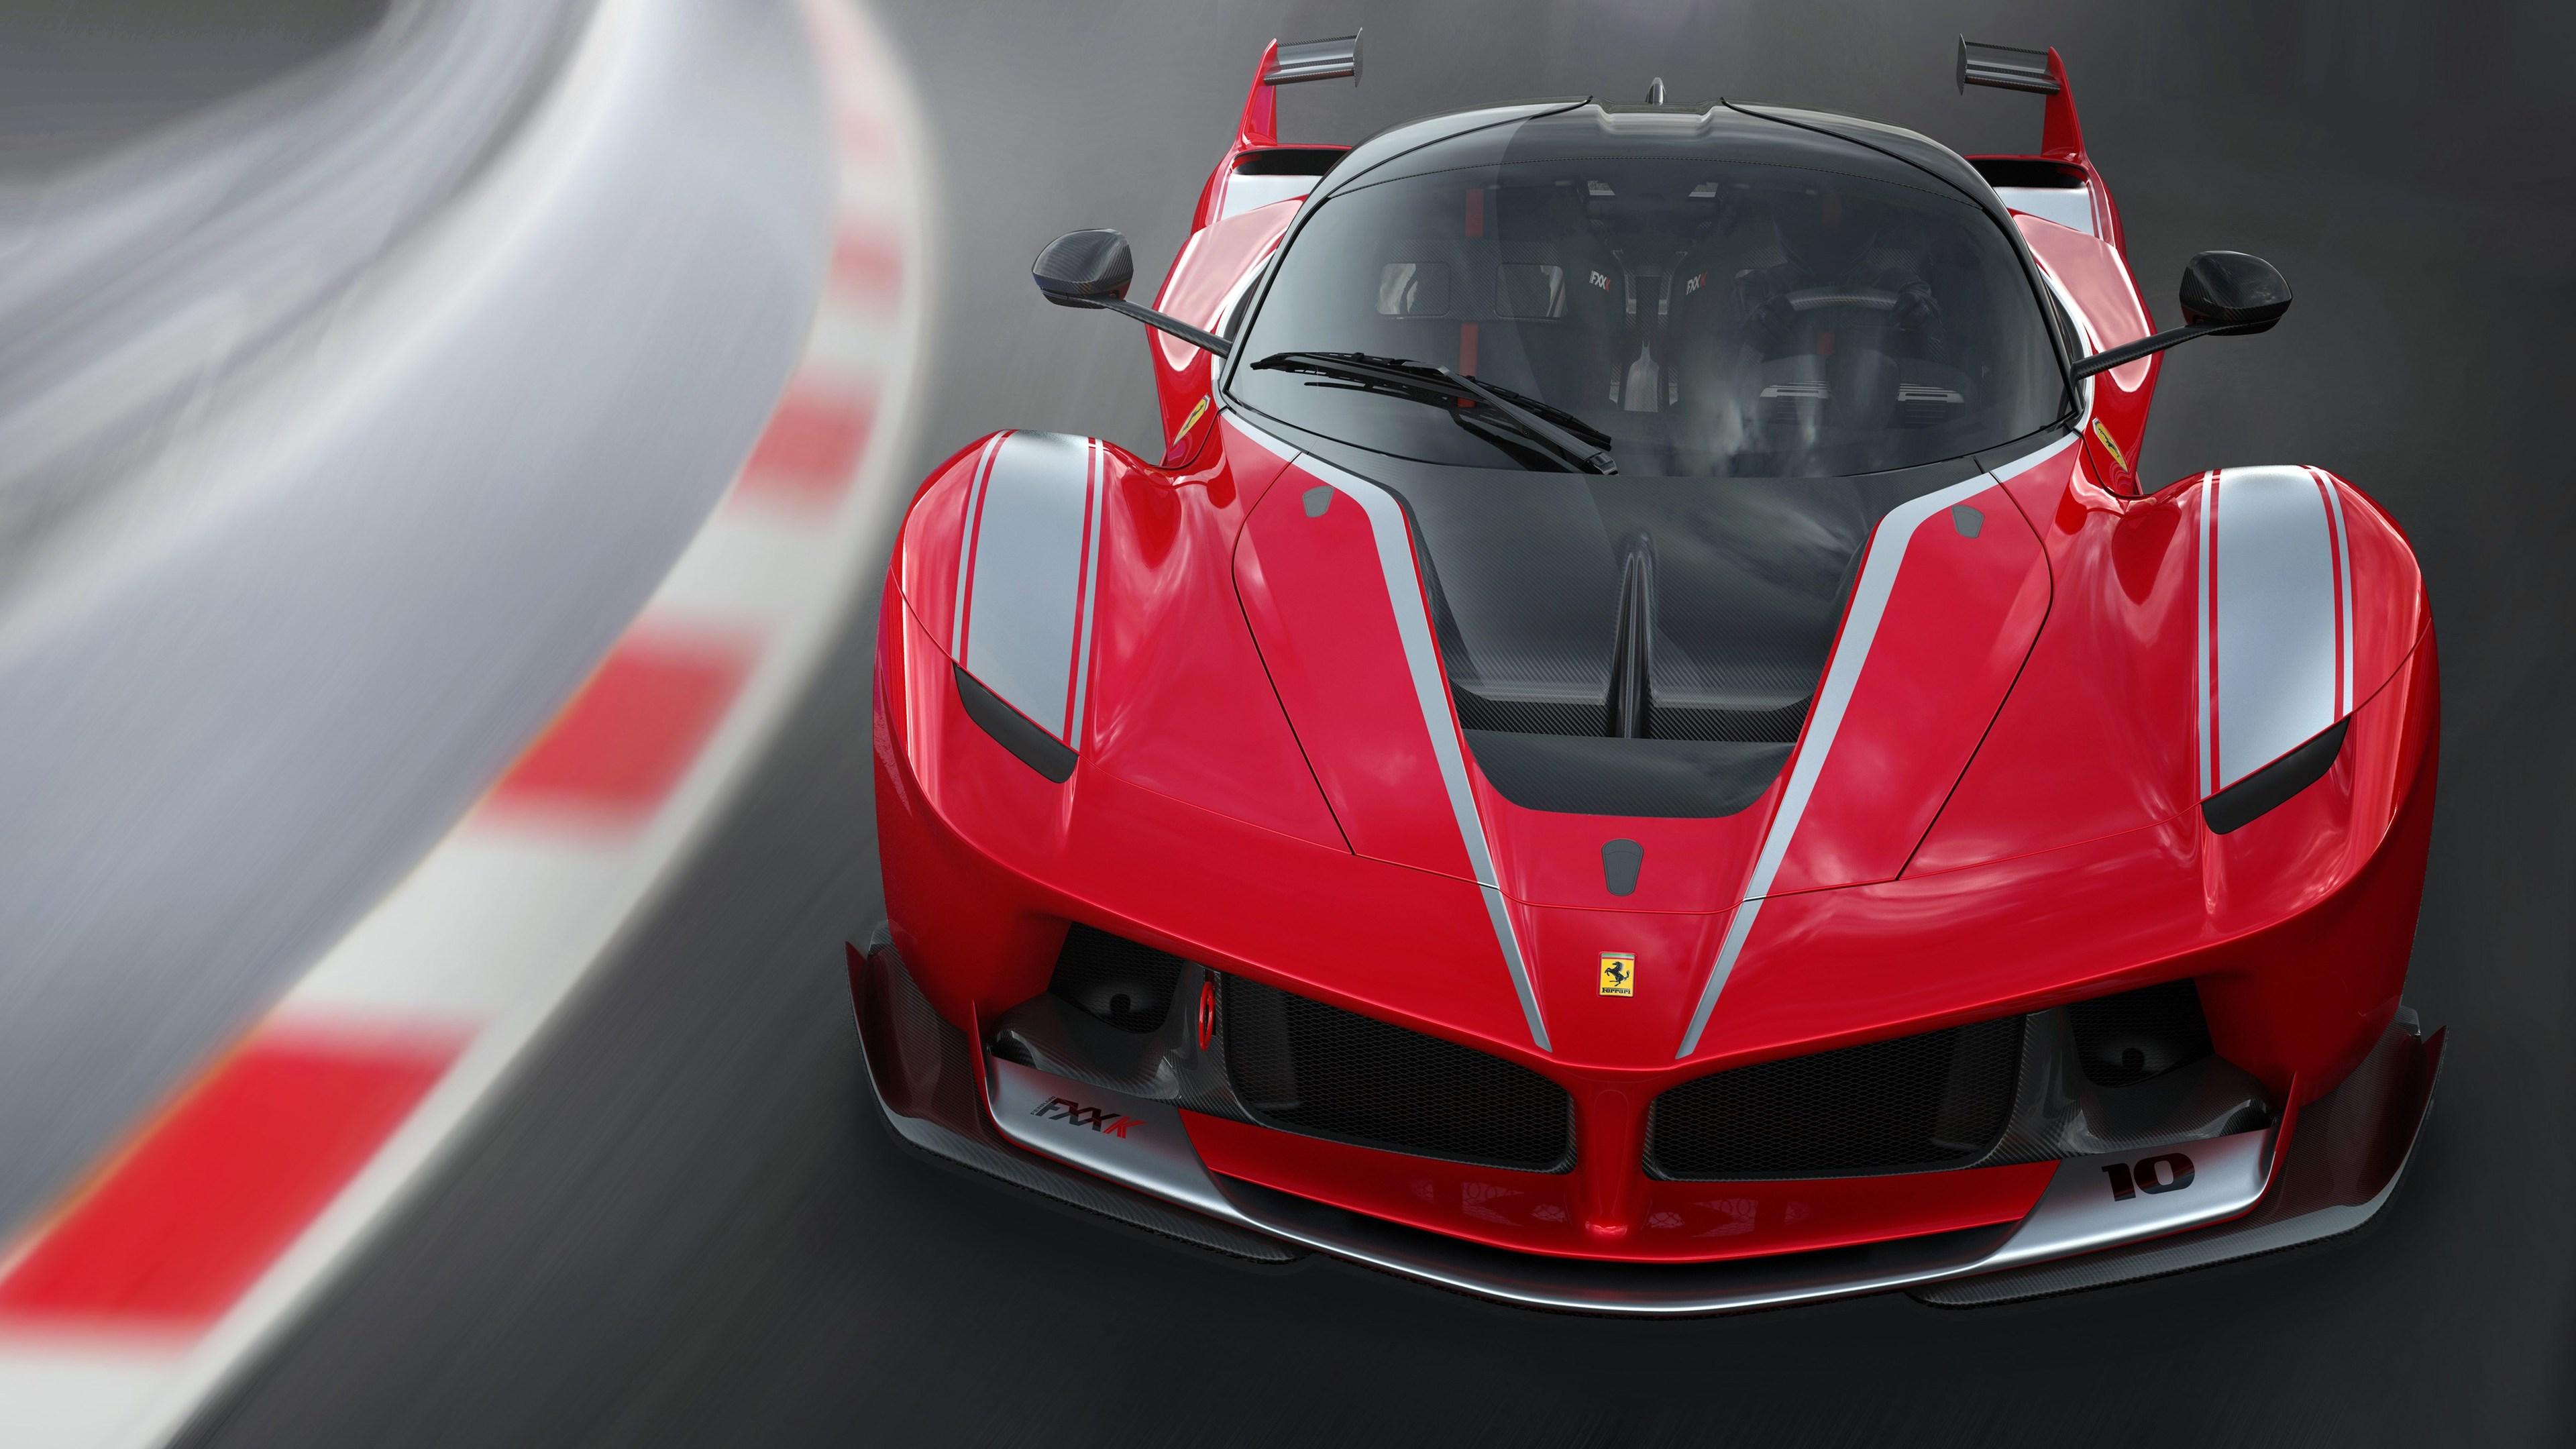 2016 ferrari fxx k 1539104713 - 2016 Ferrari FXX K - track wallpapers, ferrari wallpapers, ferrari fxx k wallpapers, cars wallpapers, 2016 cars wallpapers